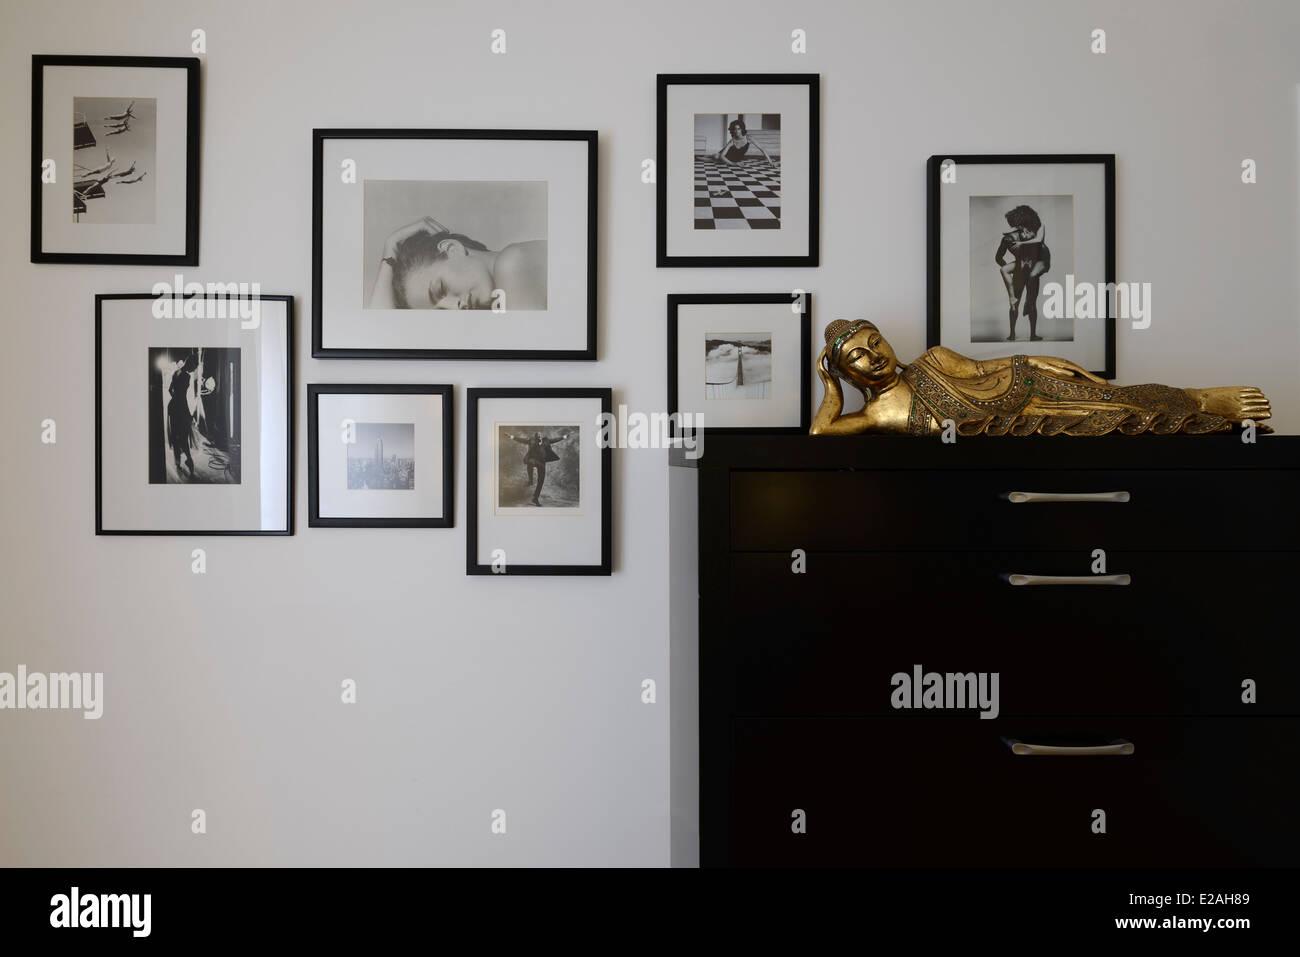 umrahmen einer innenwand schöner wohnen gerahmte fotos an der wand stockfoto bild 70303865 alamy